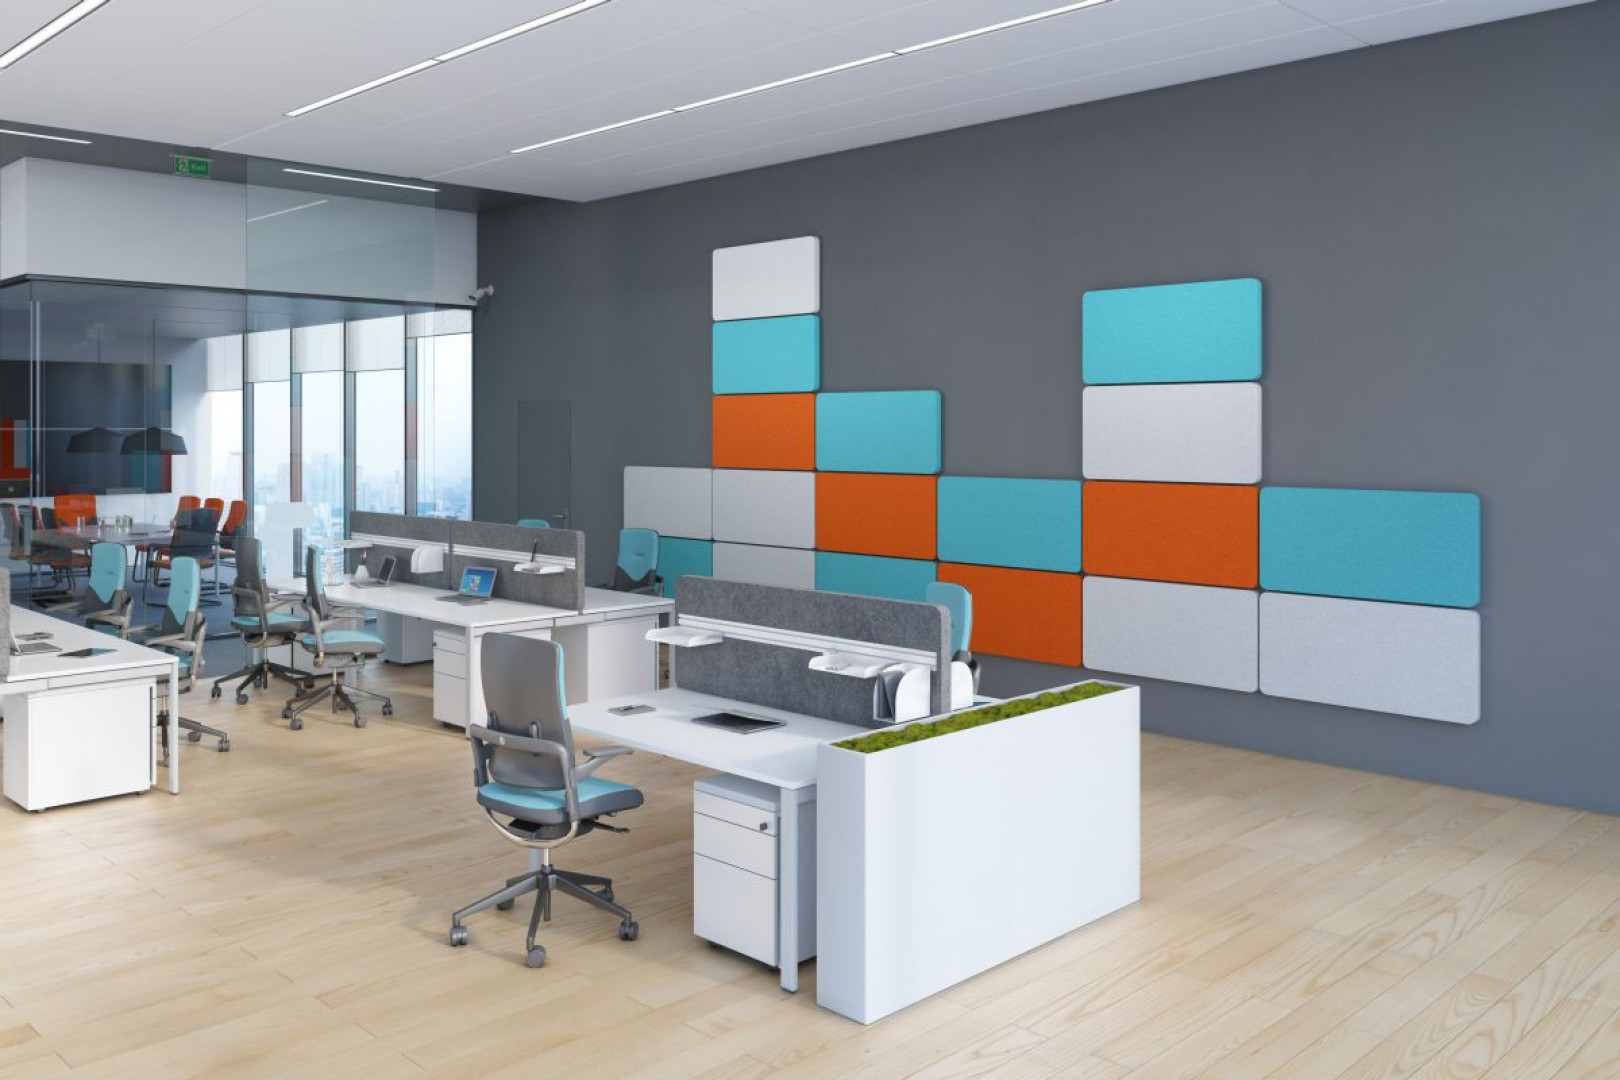 Produkty z linii Sileo (Grupa Nowy Styl) są tapicerowane wysokogatunkową tkaniną i zawierają dźwiękochłonne wypełnienie. Fot. Grupa Nowy Styl